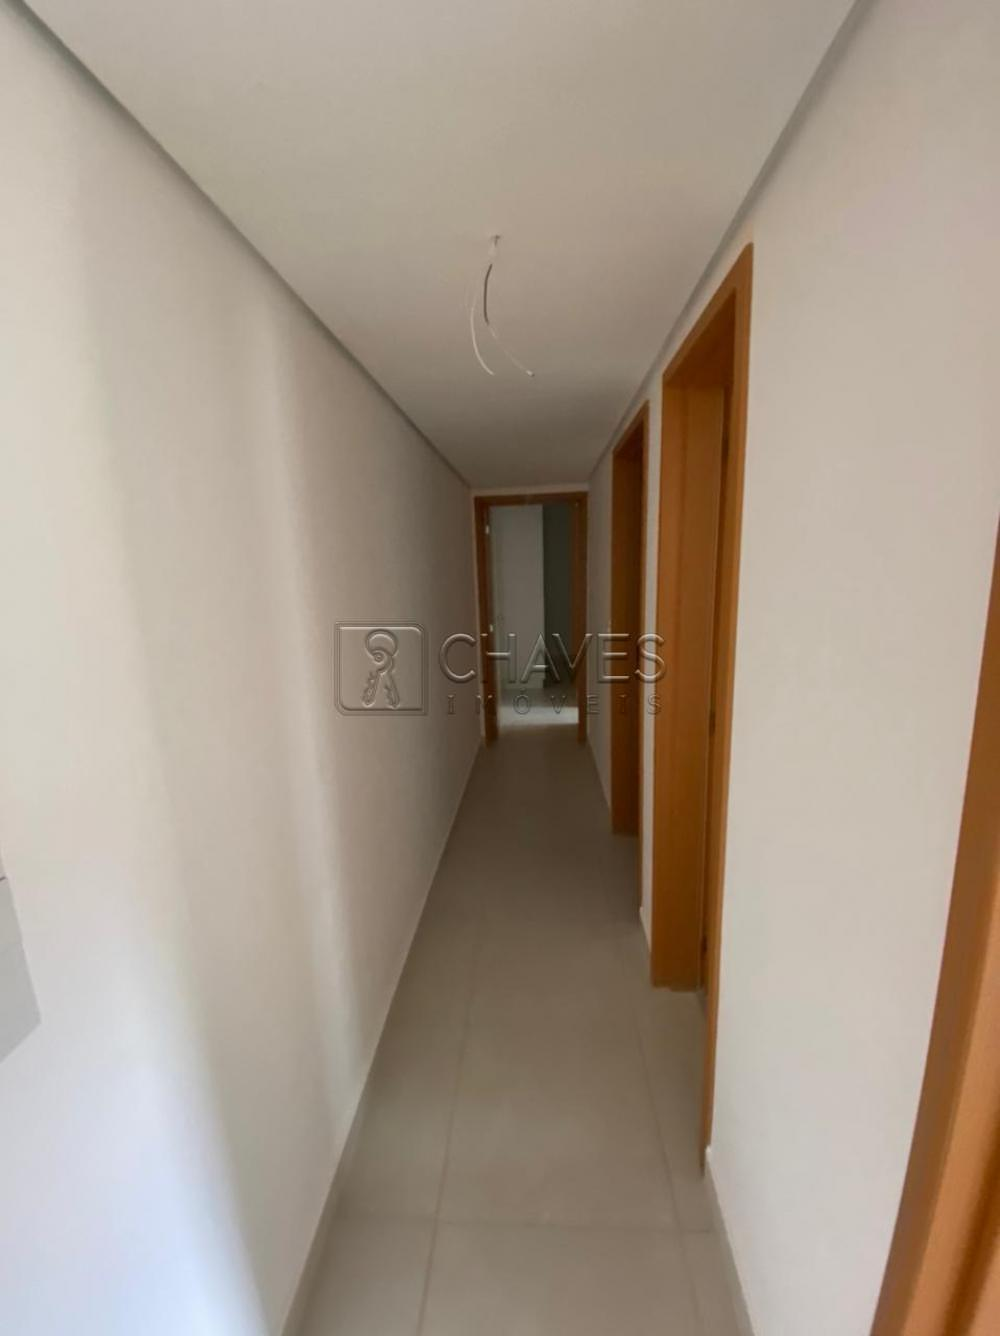 Comprar Apartamento / Padrão em Ribeirão Preto R$ 420.000,00 - Foto 7